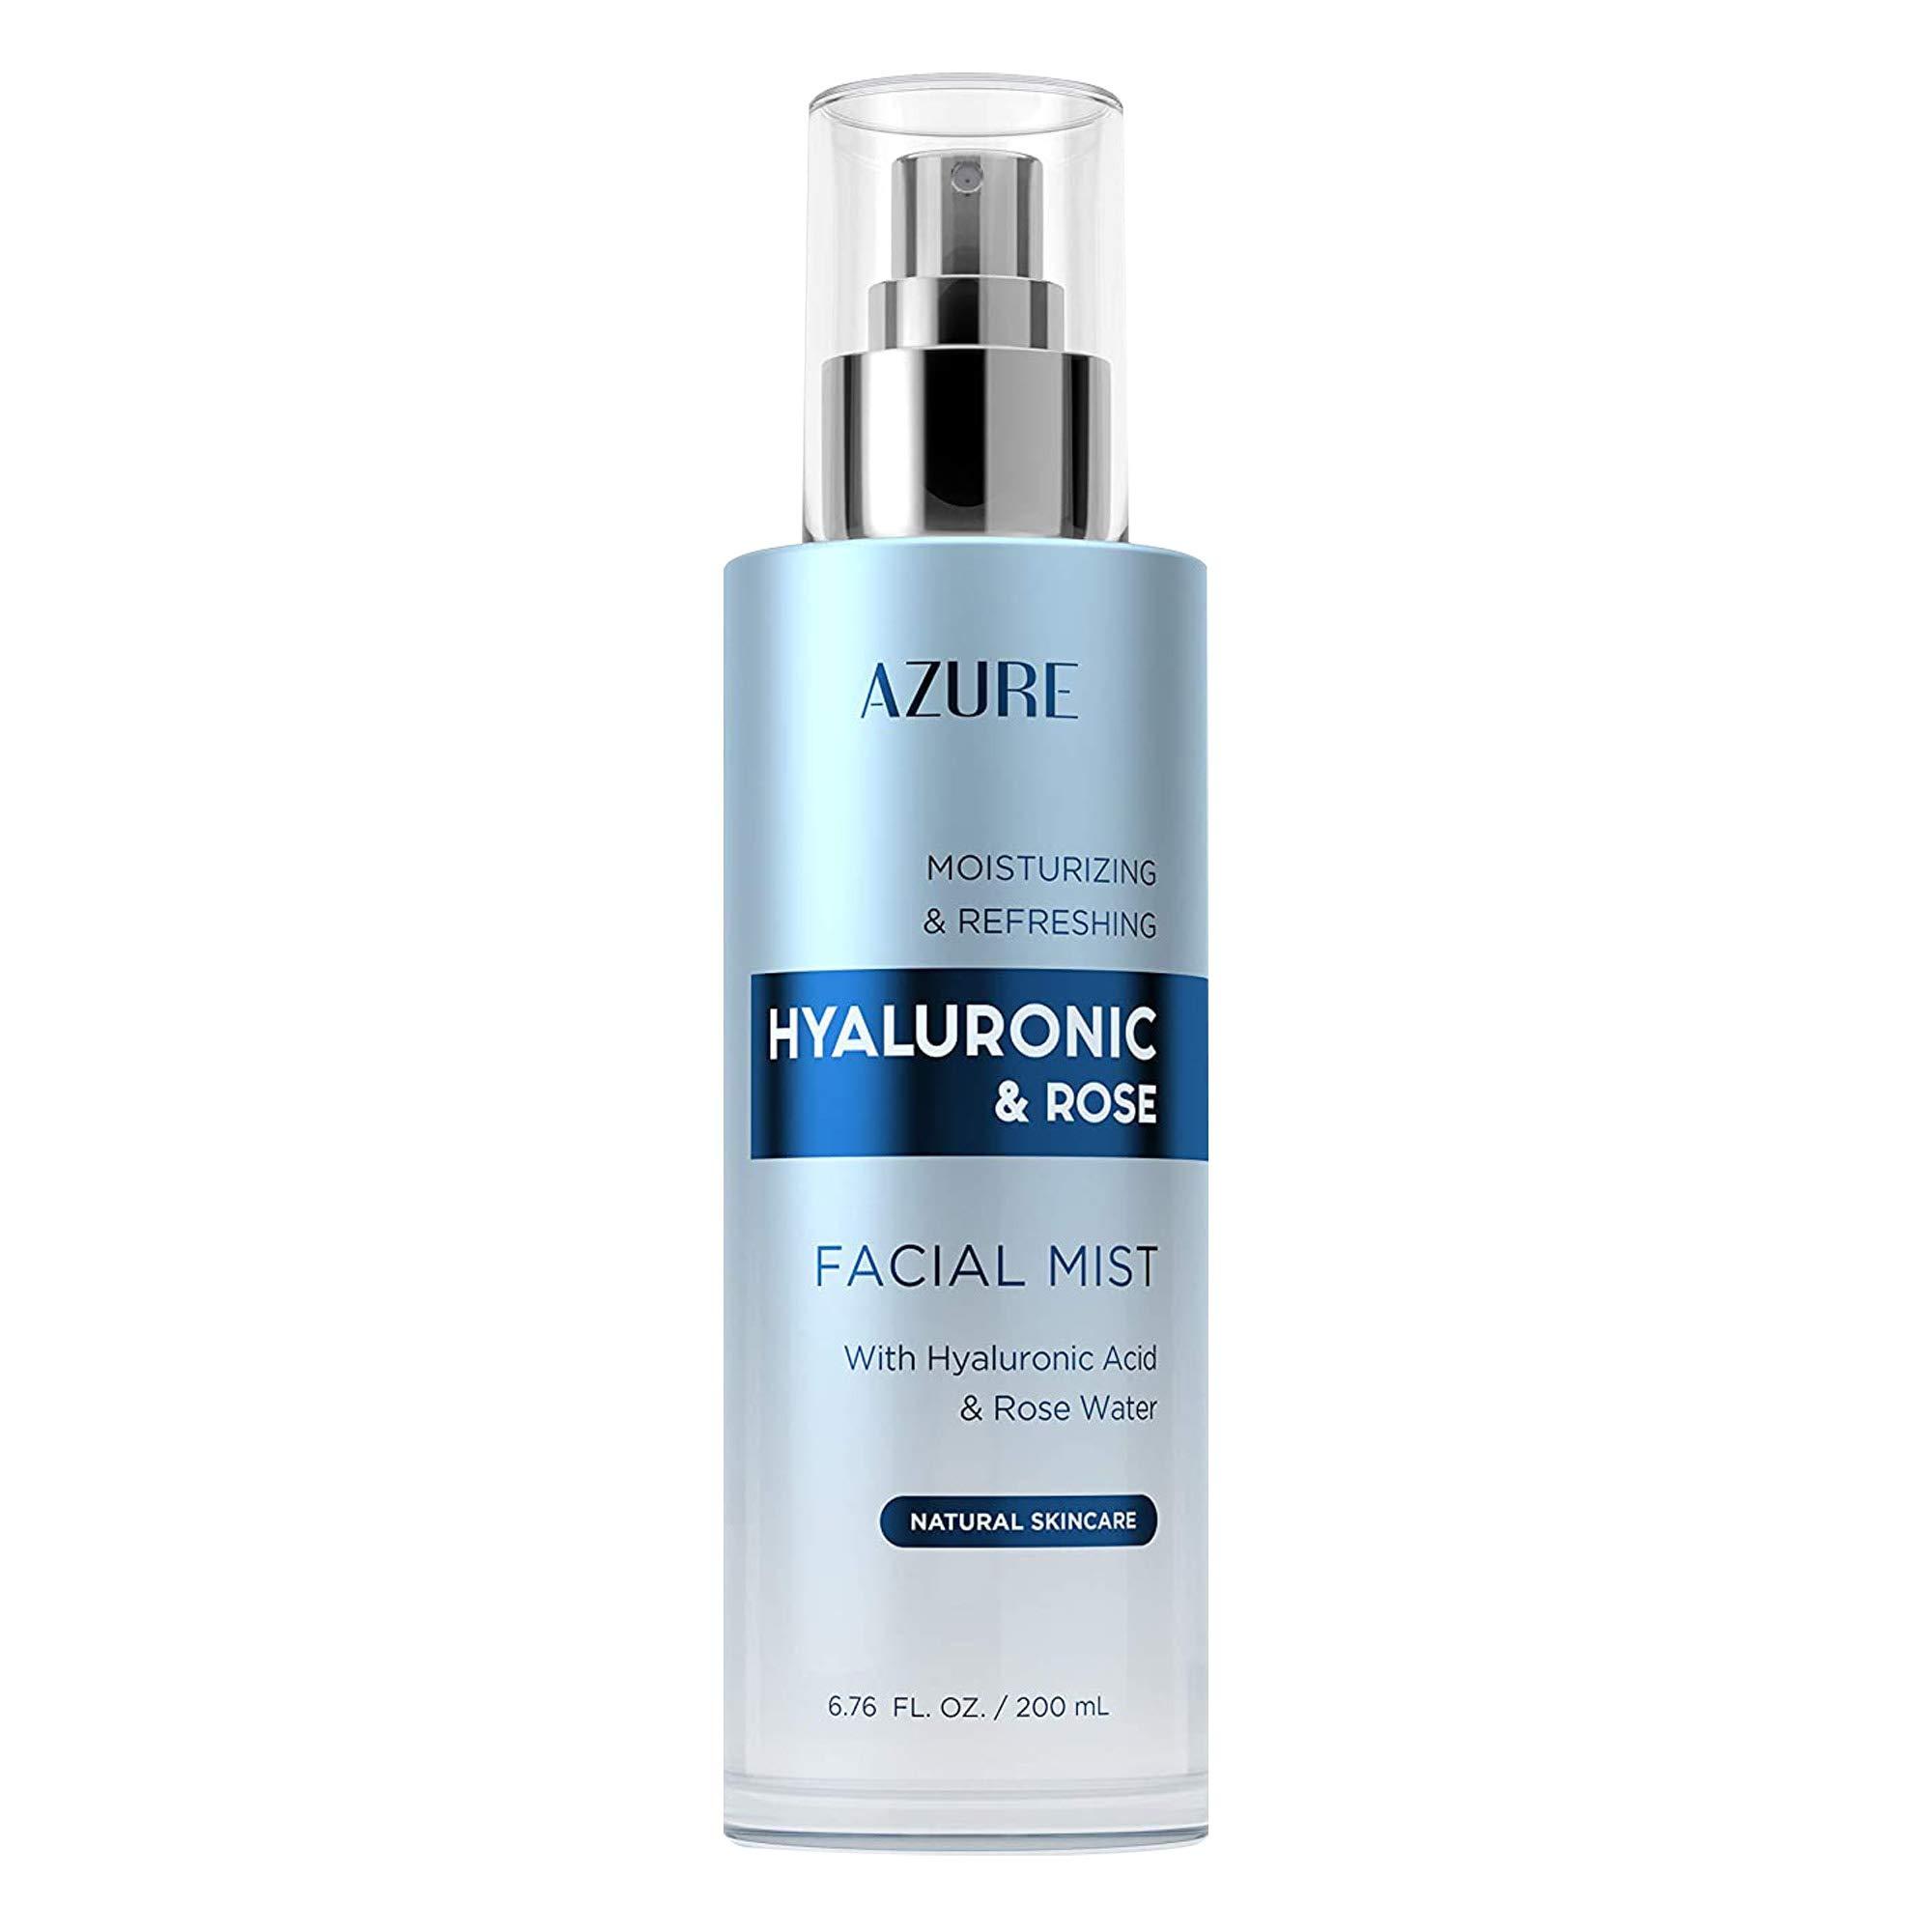 AZURE Hyaluronic & Rose Moisturizing Face Mist Toner   Rejuvenating & Firming   W/Collagen, Aloe & Gold   Refreshes & Moisturizes Skin   Made in Korea - 200mL